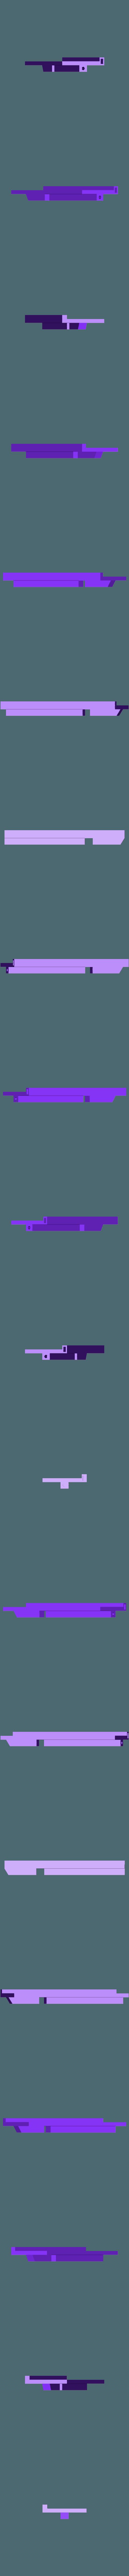 rampe 3.3.stl Télécharger fichier STL Pont 4 colonnes pour garage 1/10 • Design pour impression 3D, RCGANG93